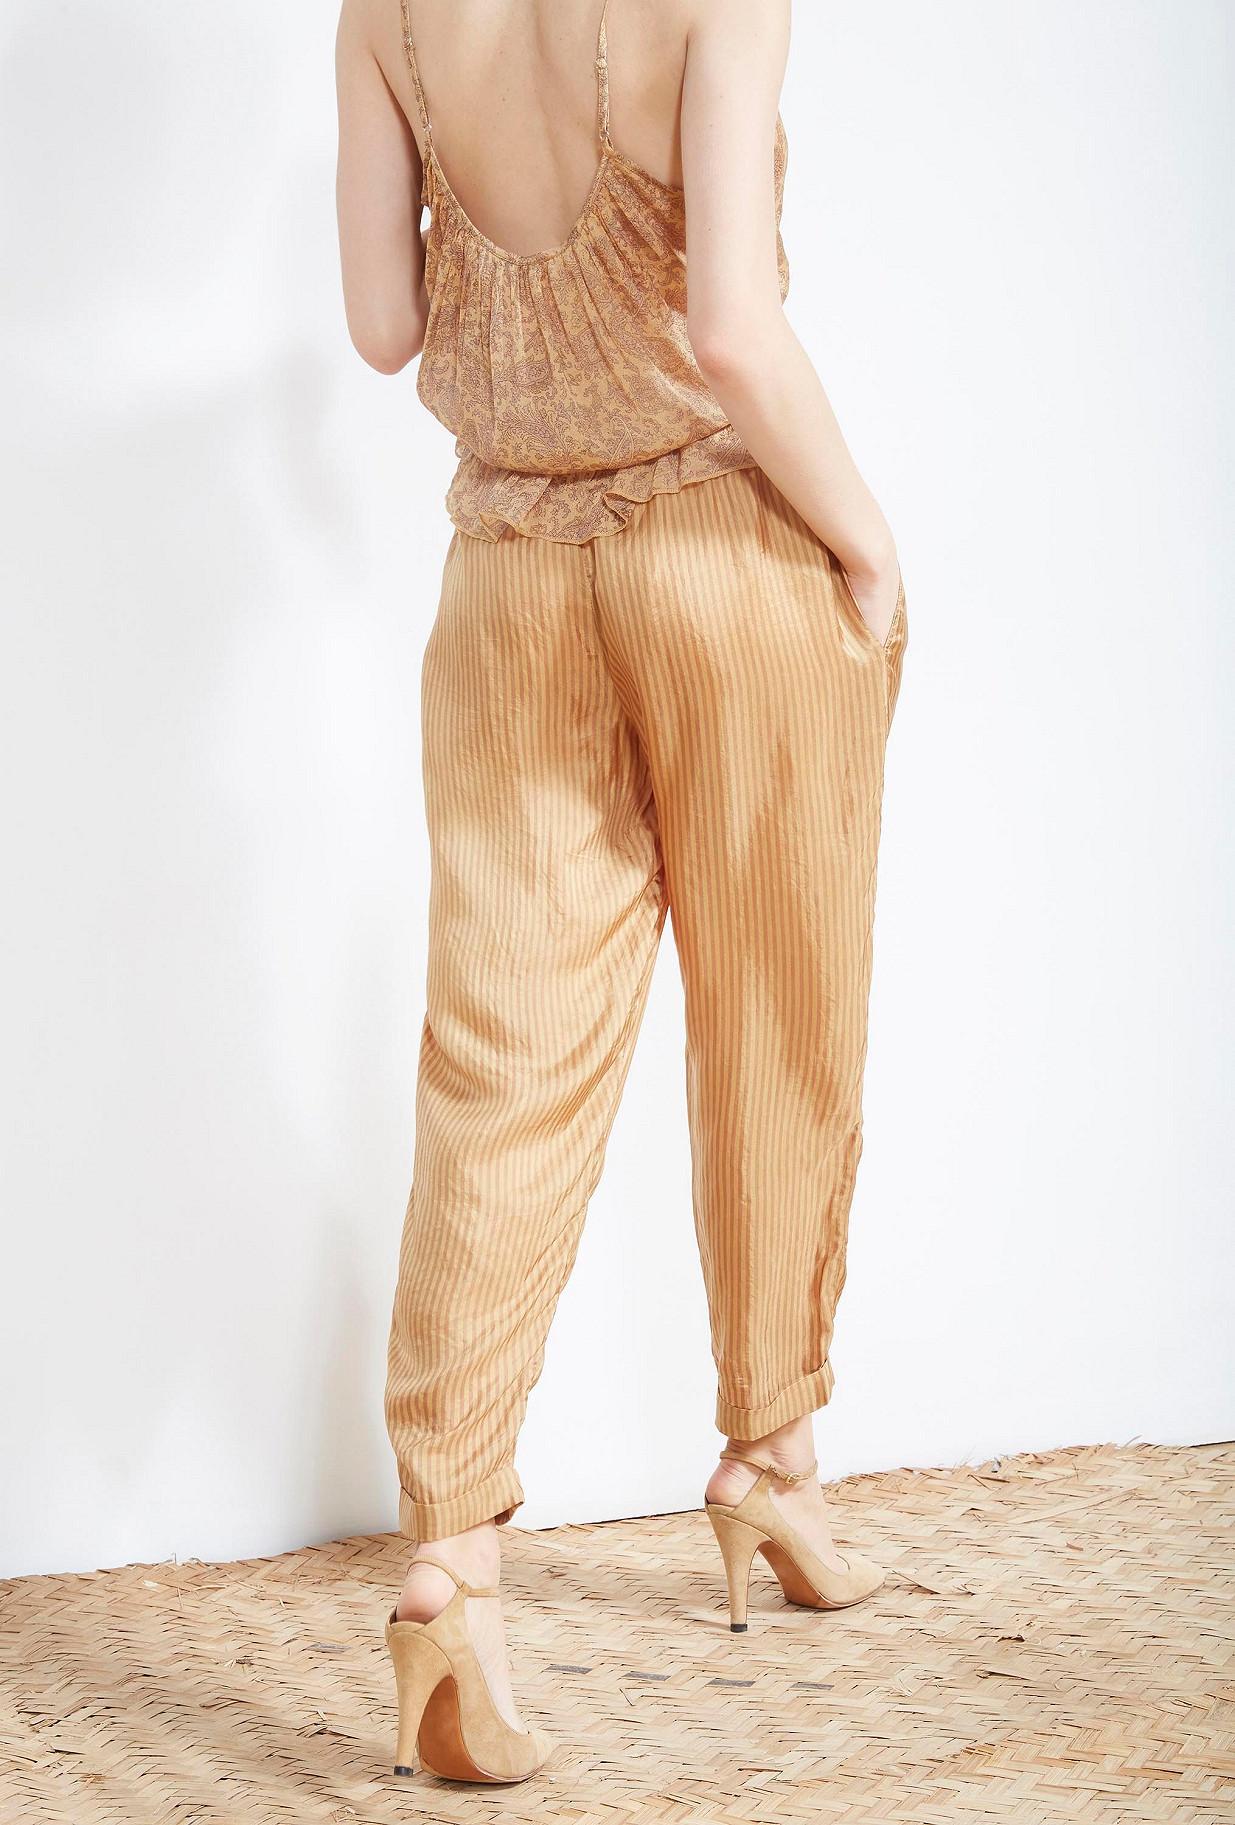 boutique de pantalon femme melomane mode createur paris. Black Bedroom Furniture Sets. Home Design Ideas